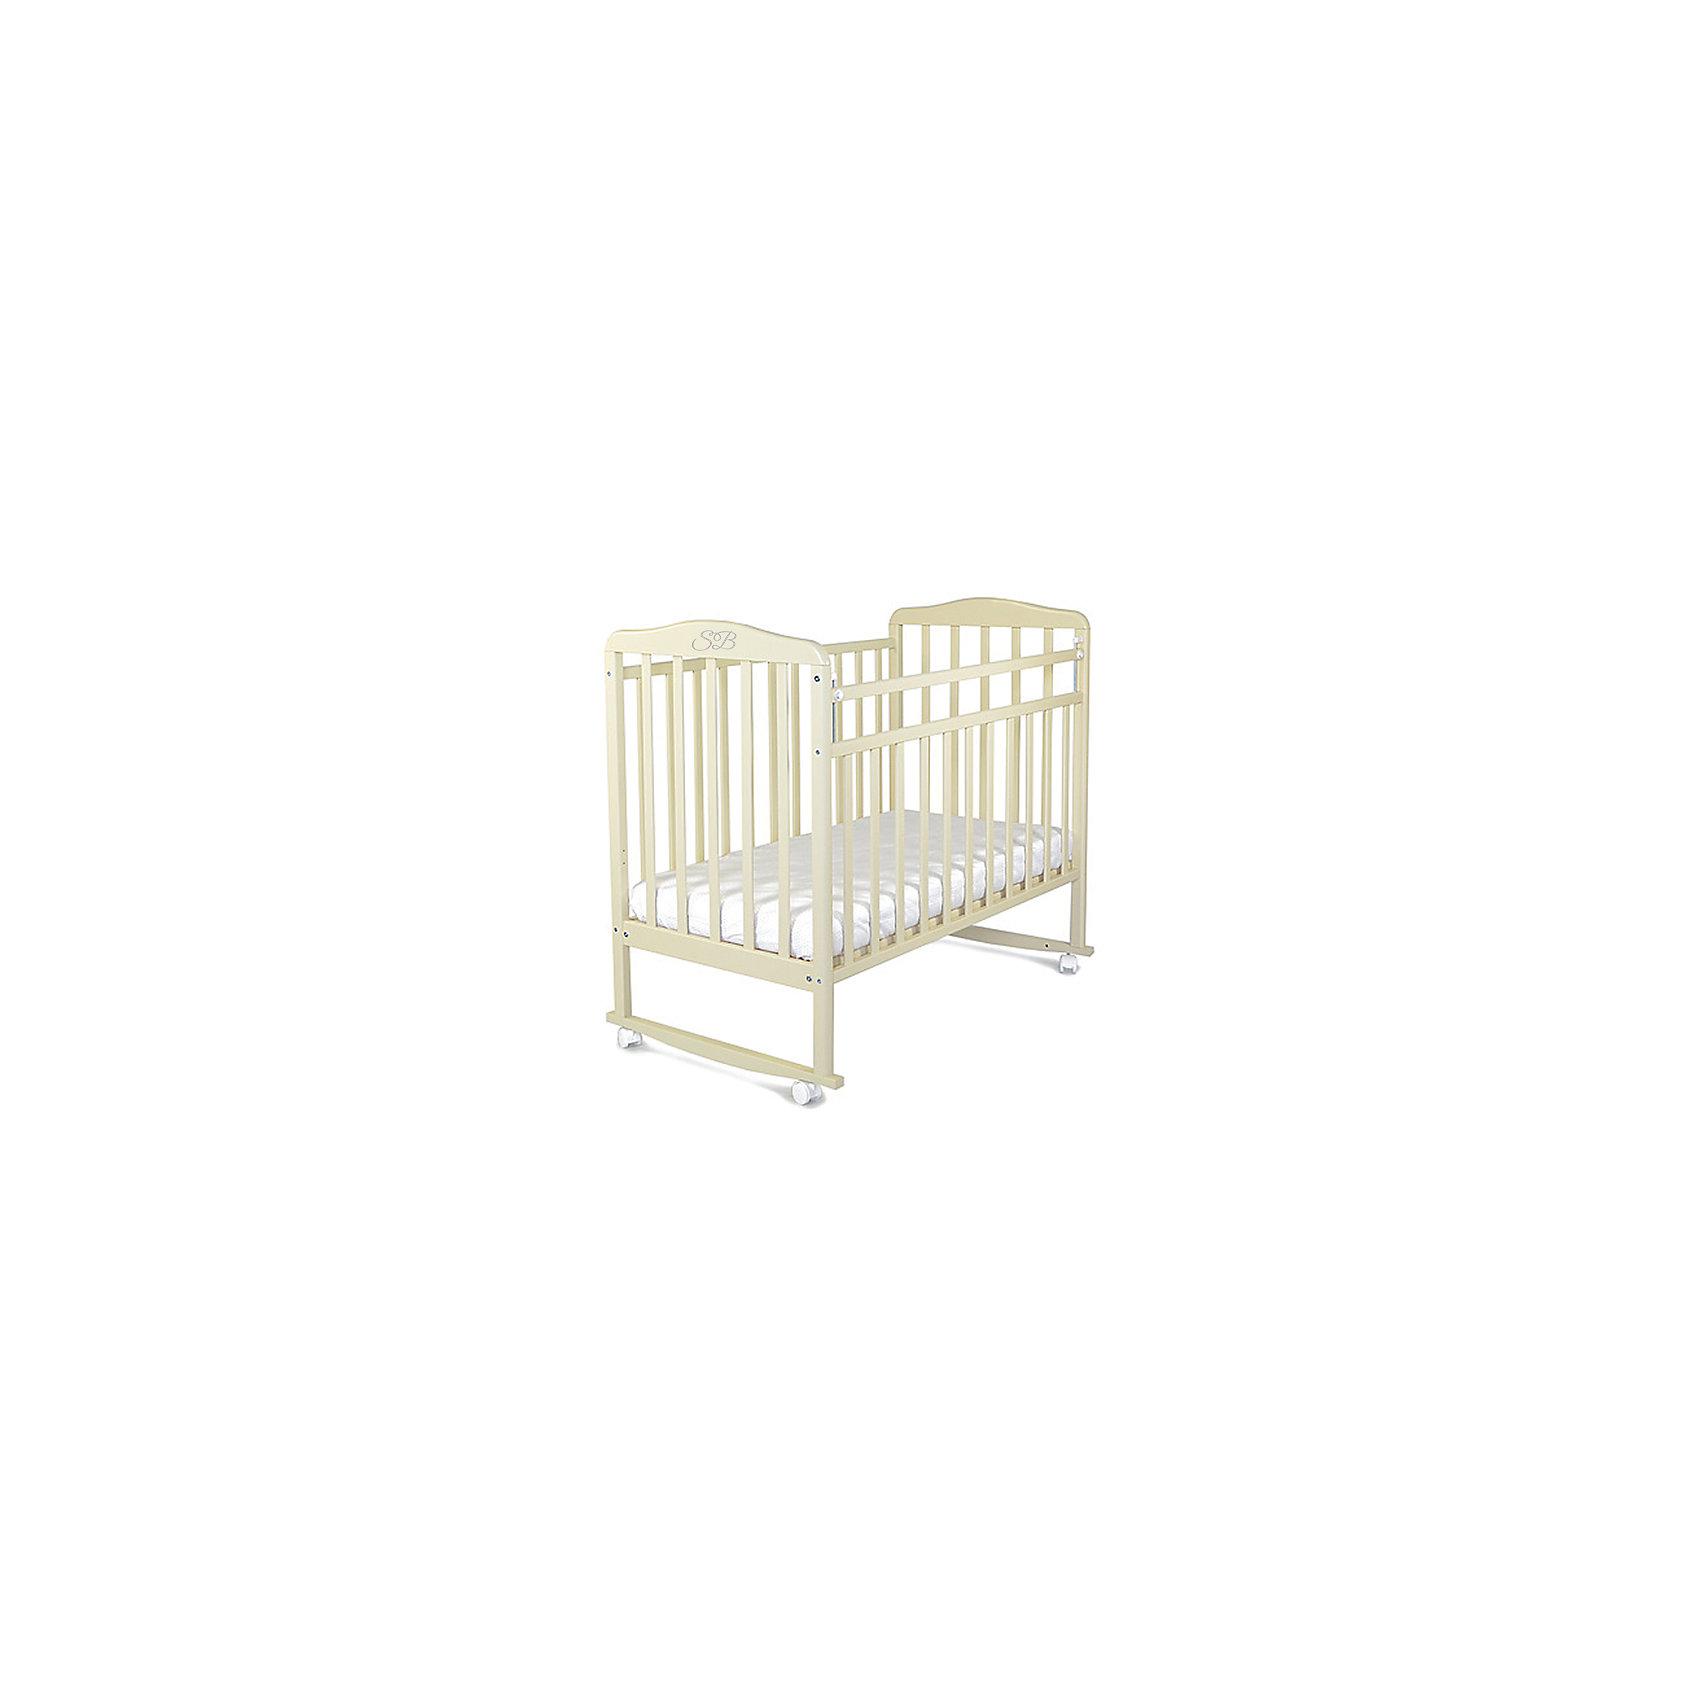 Кроватка Mario Cammello, Sweet Baby, бежевыйКроватки<br>Характеристики товара:<br><br>• цвет: бежевый<br>• материал: дерево<br>• полозья для качания<br>• колесики<br>• размер спального места: 120х60 см<br>• 2 уровня ложа<br>• размер (ШхДхВ): 72х125х109 см<br><br>Кроватку Sweet Baby Mario с комплектацией колёсо/качалка можно использовать в одном из 2-х вариантов – на качалке или прикрутить колёсики.<br><br>Округлые формы деталей не позволят Вашему малышу удариться, а передняя стенка особенно надежна и долговечна благодаря тому, что подвижна только верхняя планка.<br><br>Два уровня ложа позволяют менять глубину кроватки по мере роста малыша, опускаемая планка поможет без труда дотянуться до малыша в кроватке.<br><br>Расстояние между рейками не дает возможность ребенку застрять между ними во время сна.<br><br>Детская кровать Sweet Baby Mario изготовлена из древесины березы, прочного и долговечного материала. <br><br>Кроватки для новорожденных SweetBaby обрабатываются нетоксичными лаками и красками, абсолютно безвредными для ребенка.<br><br>Кроватку Mario Cammello, Sweet Baby можно купить в нашем интернет-магазине.<br><br>Ширина мм: 720<br>Глубина мм: 150<br>Высота мм: 1240<br>Вес г: 18000<br>Возраст от месяцев: 0<br>Возраст до месяцев: 36<br>Пол: Унисекс<br>Возраст: Детский<br>SKU: 5583557